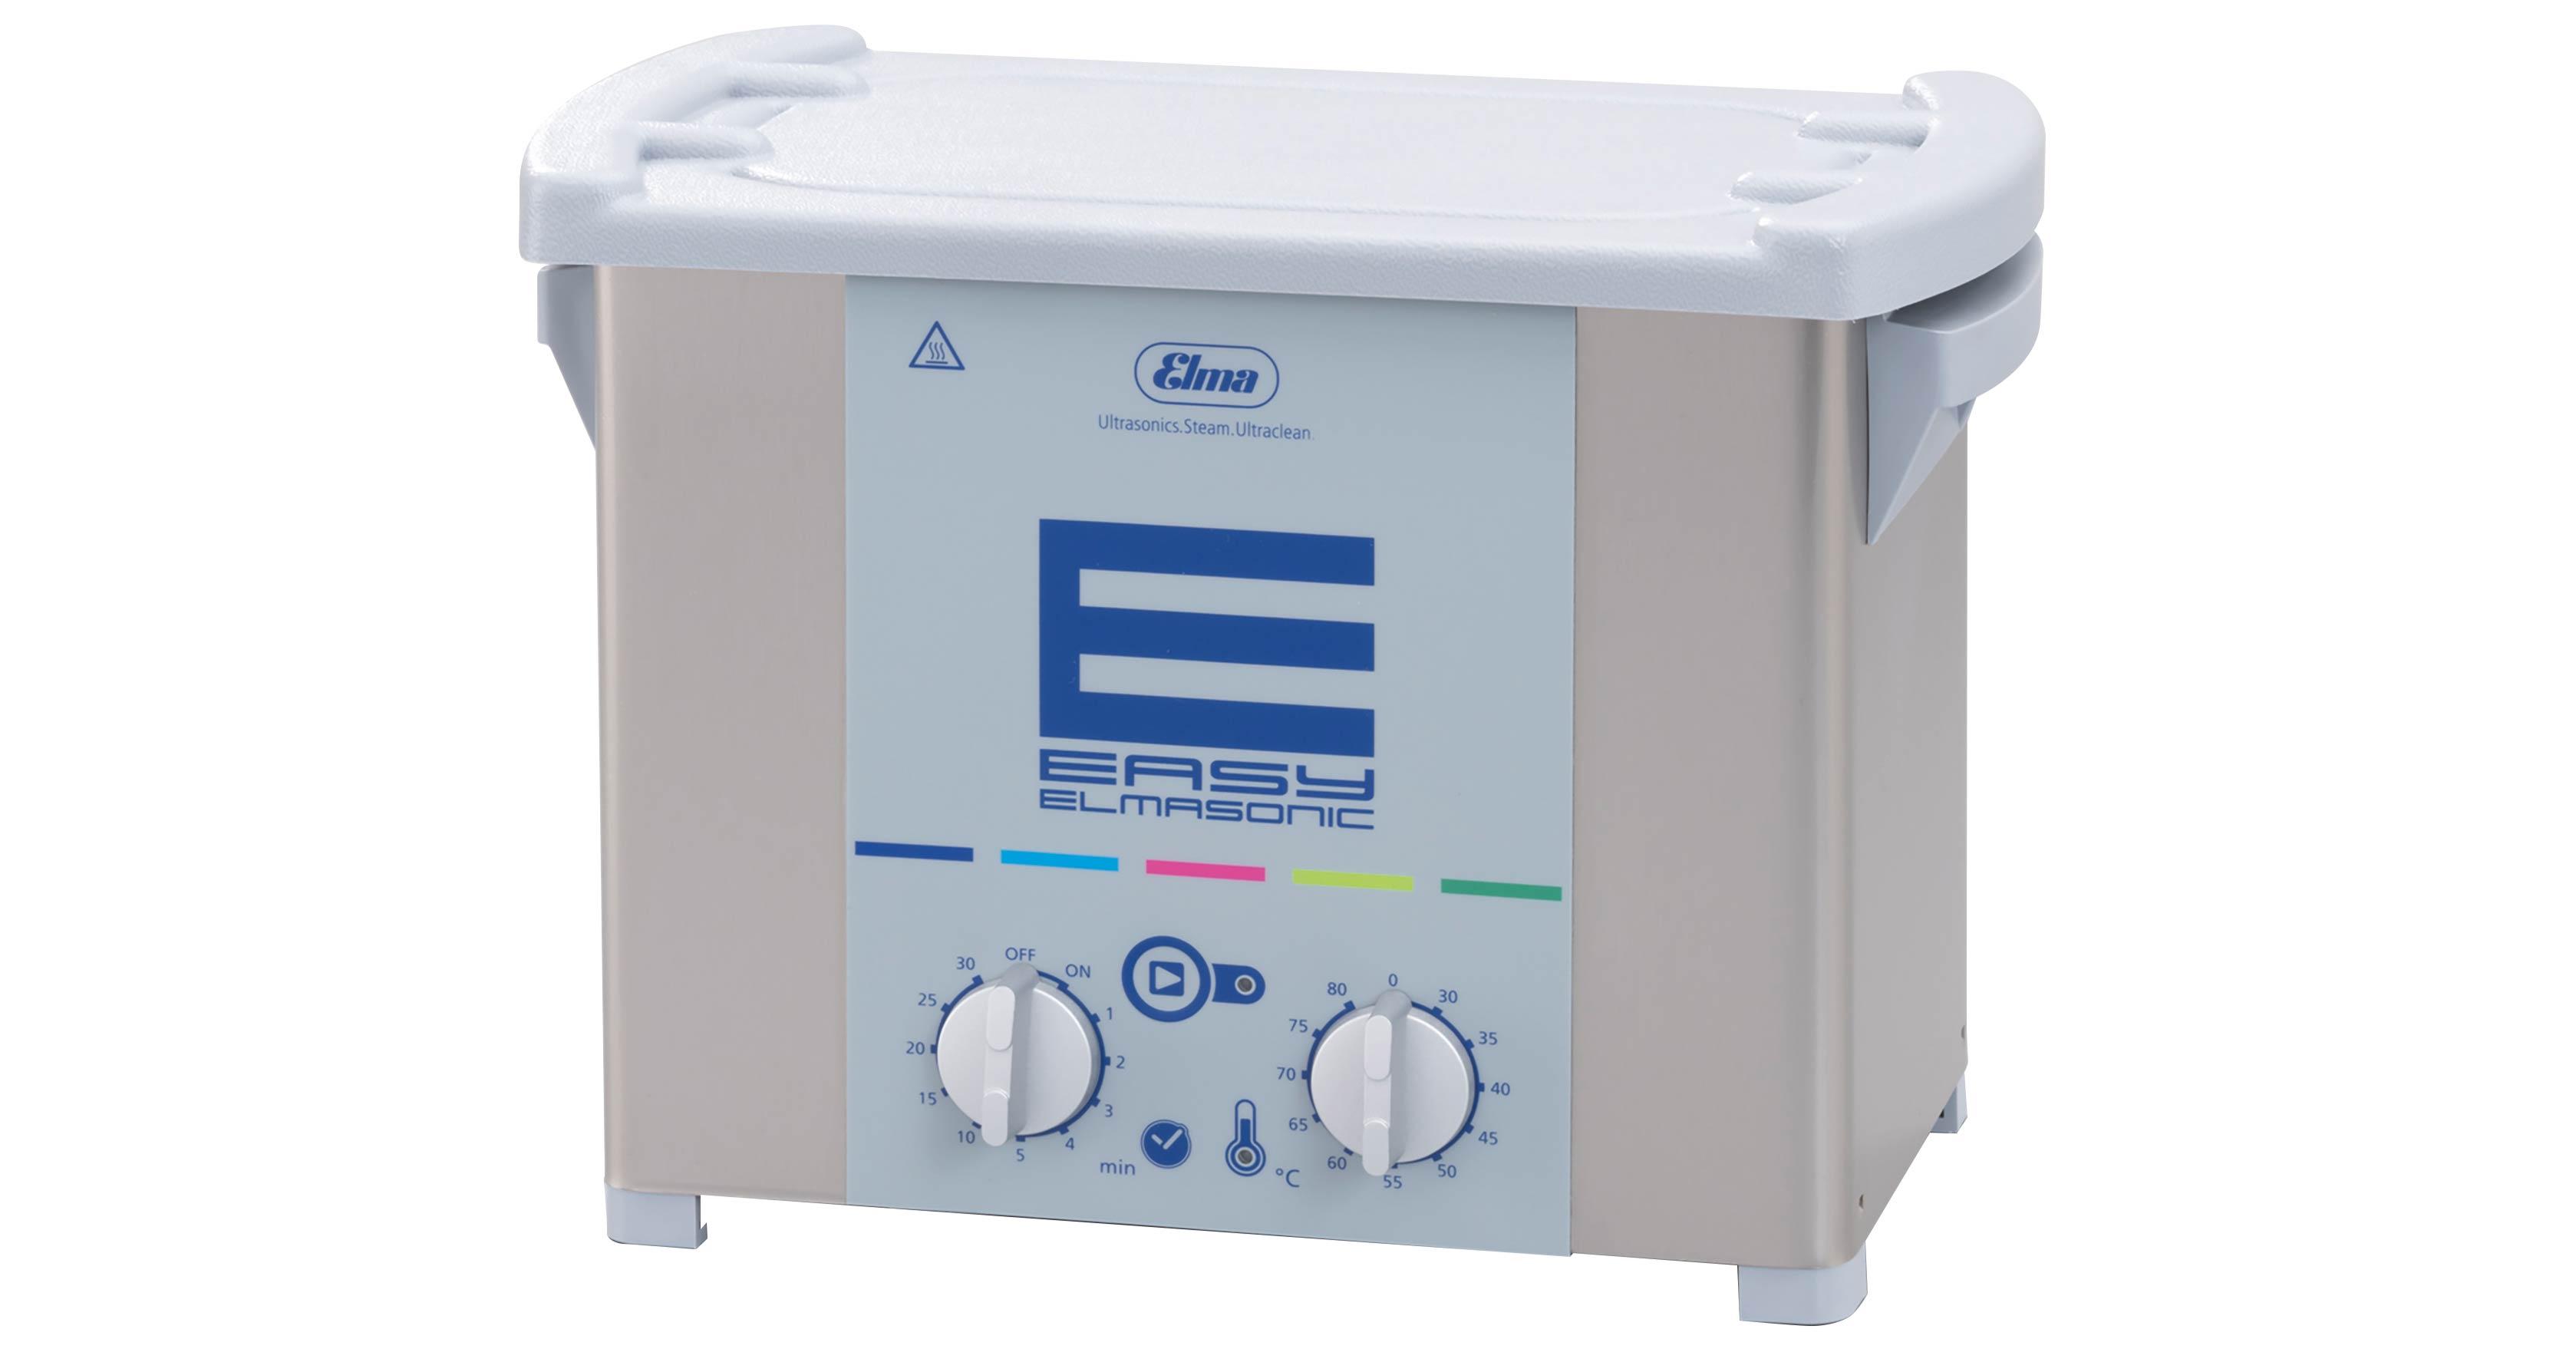 Erst eine Laser-Graviermaschine für rund 12.000 Euro EK, nun ein Ultraschallgerät für 400 Euro: Engelkemper bringt eine Technik-Neuheit auf den Markt.